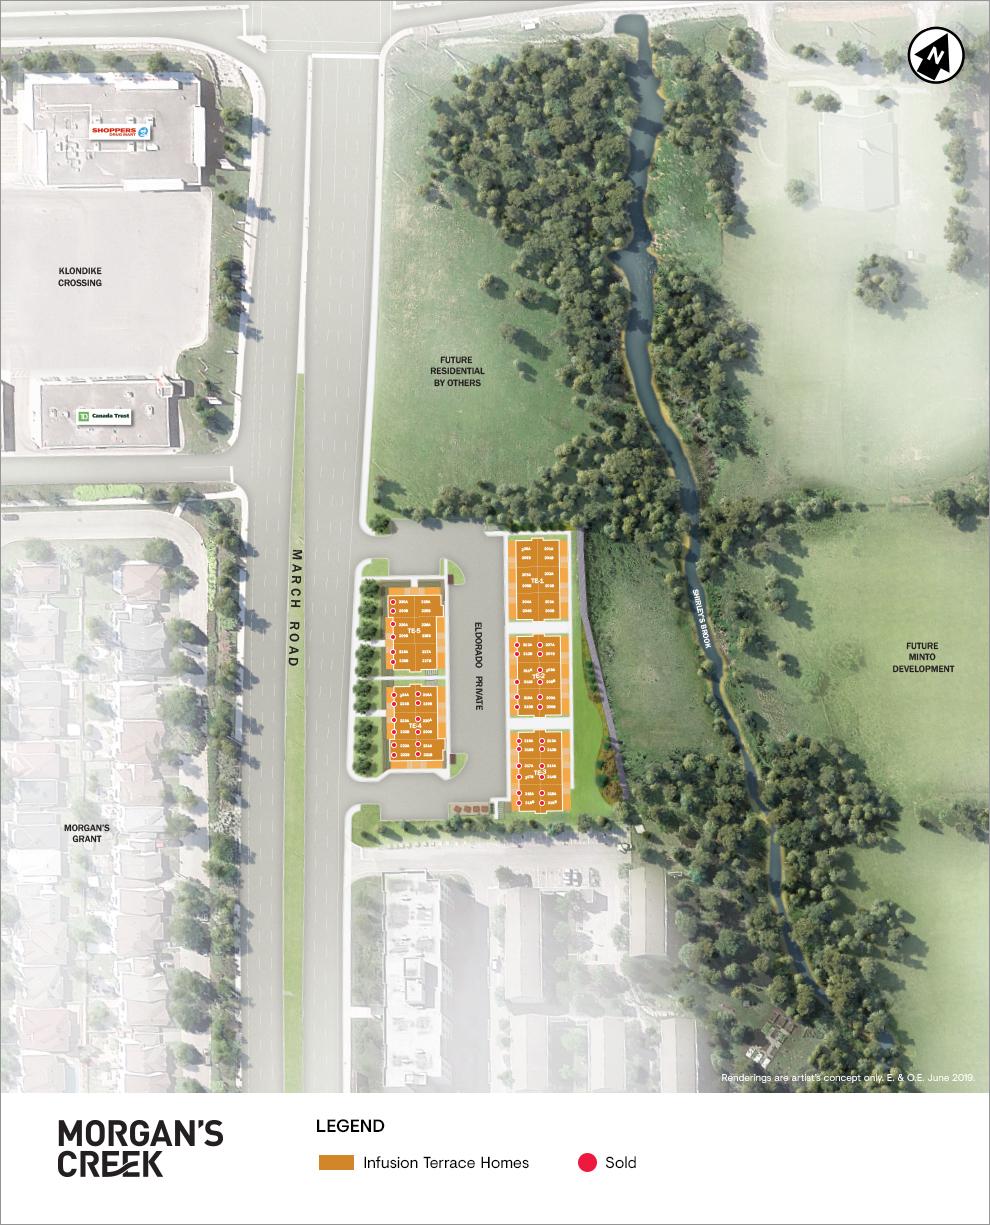 Morgan's Creek Site Plan